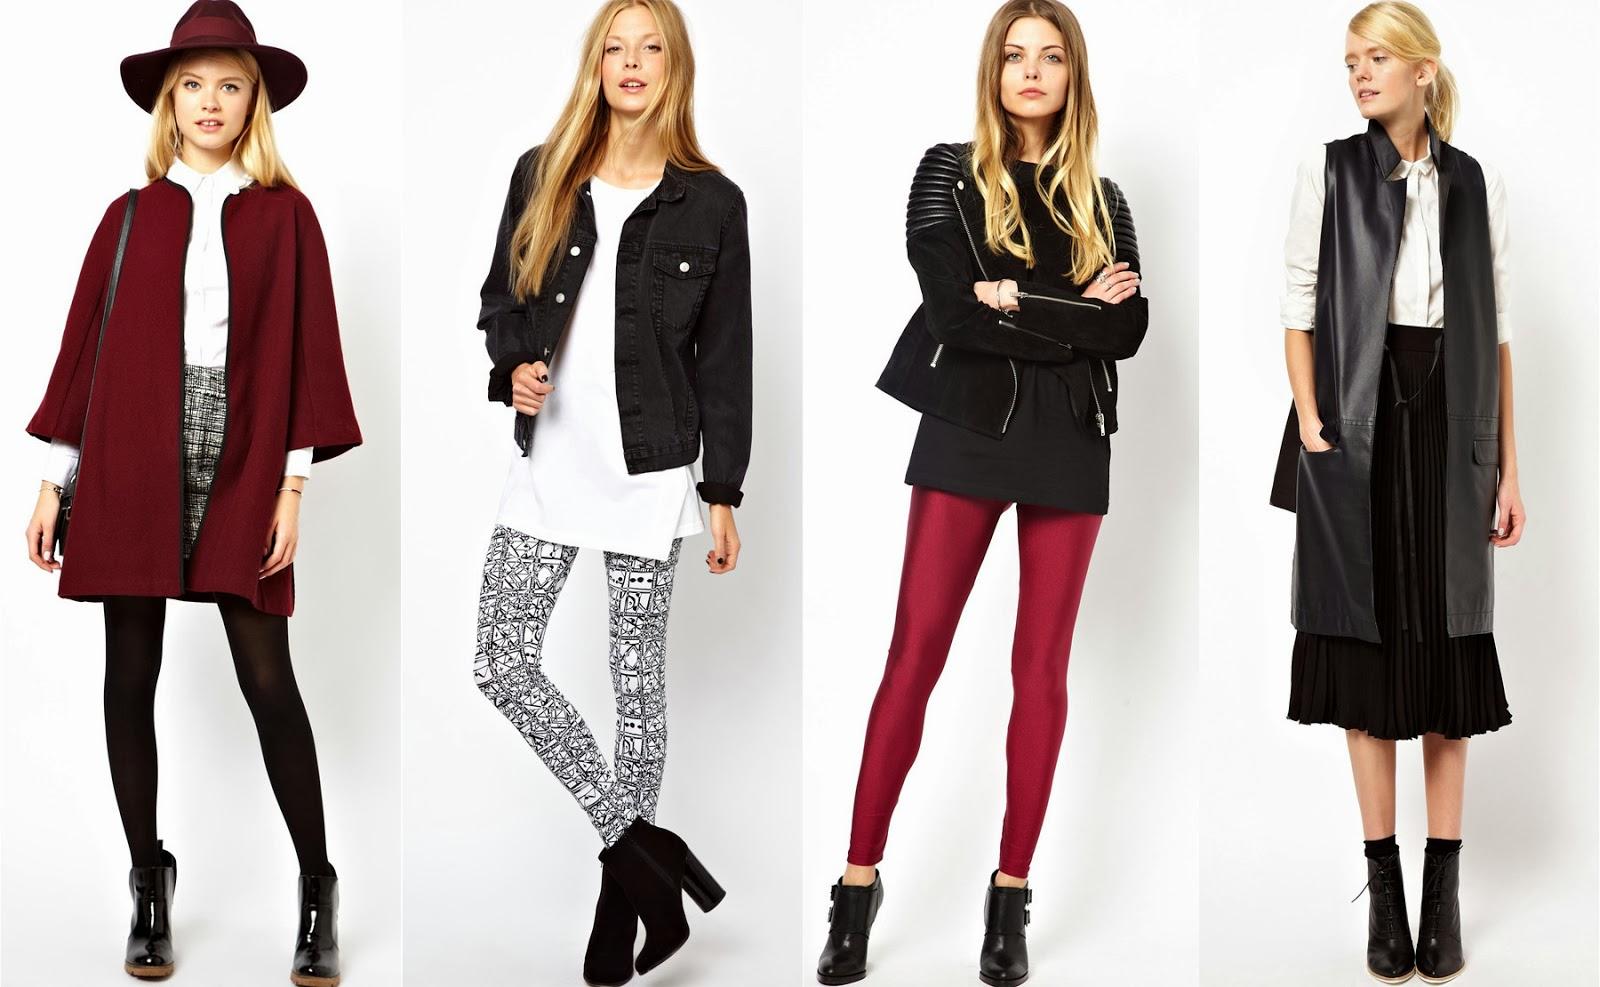 بالصور ملابس نساء , احدث صيحات الموضة للملابس النسائية 3495 1